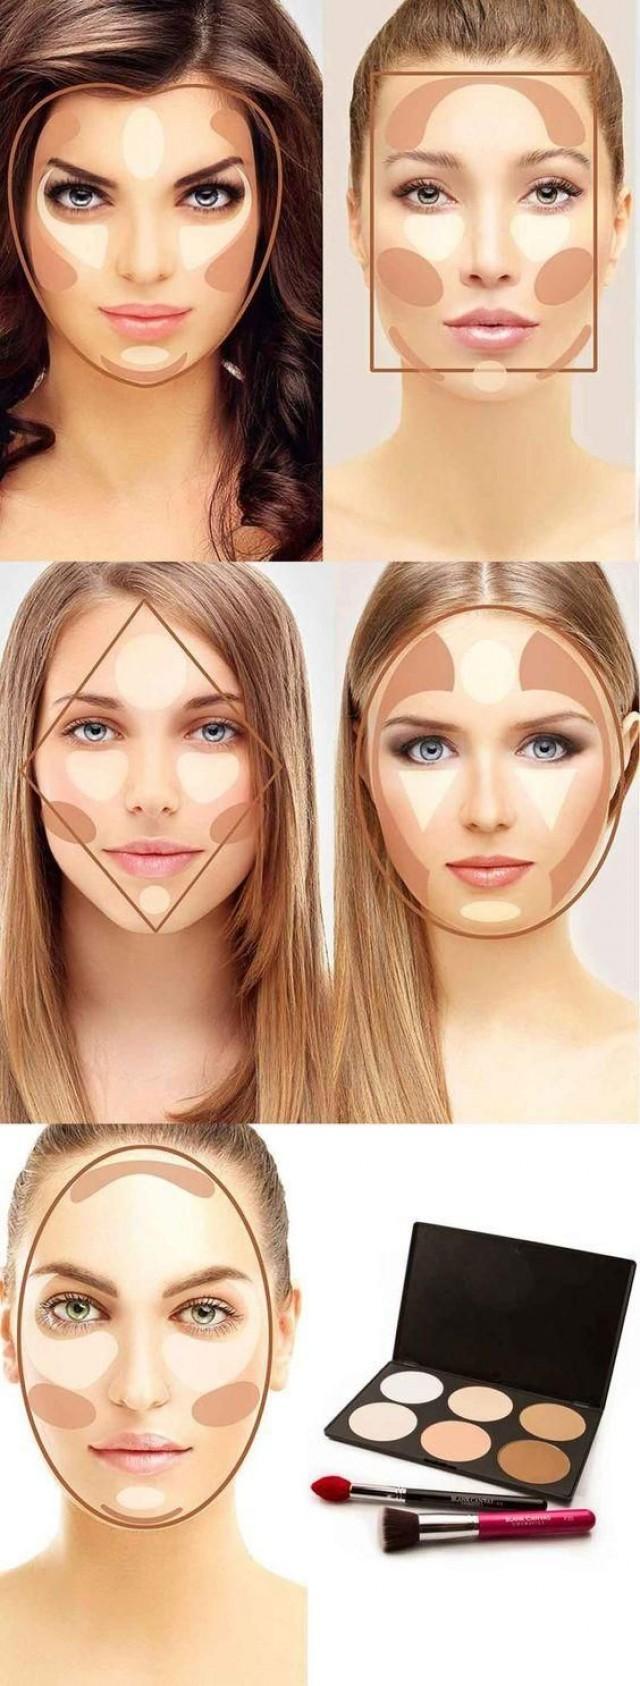 Как правильно накладывать макияж на лицо фото пошагово в